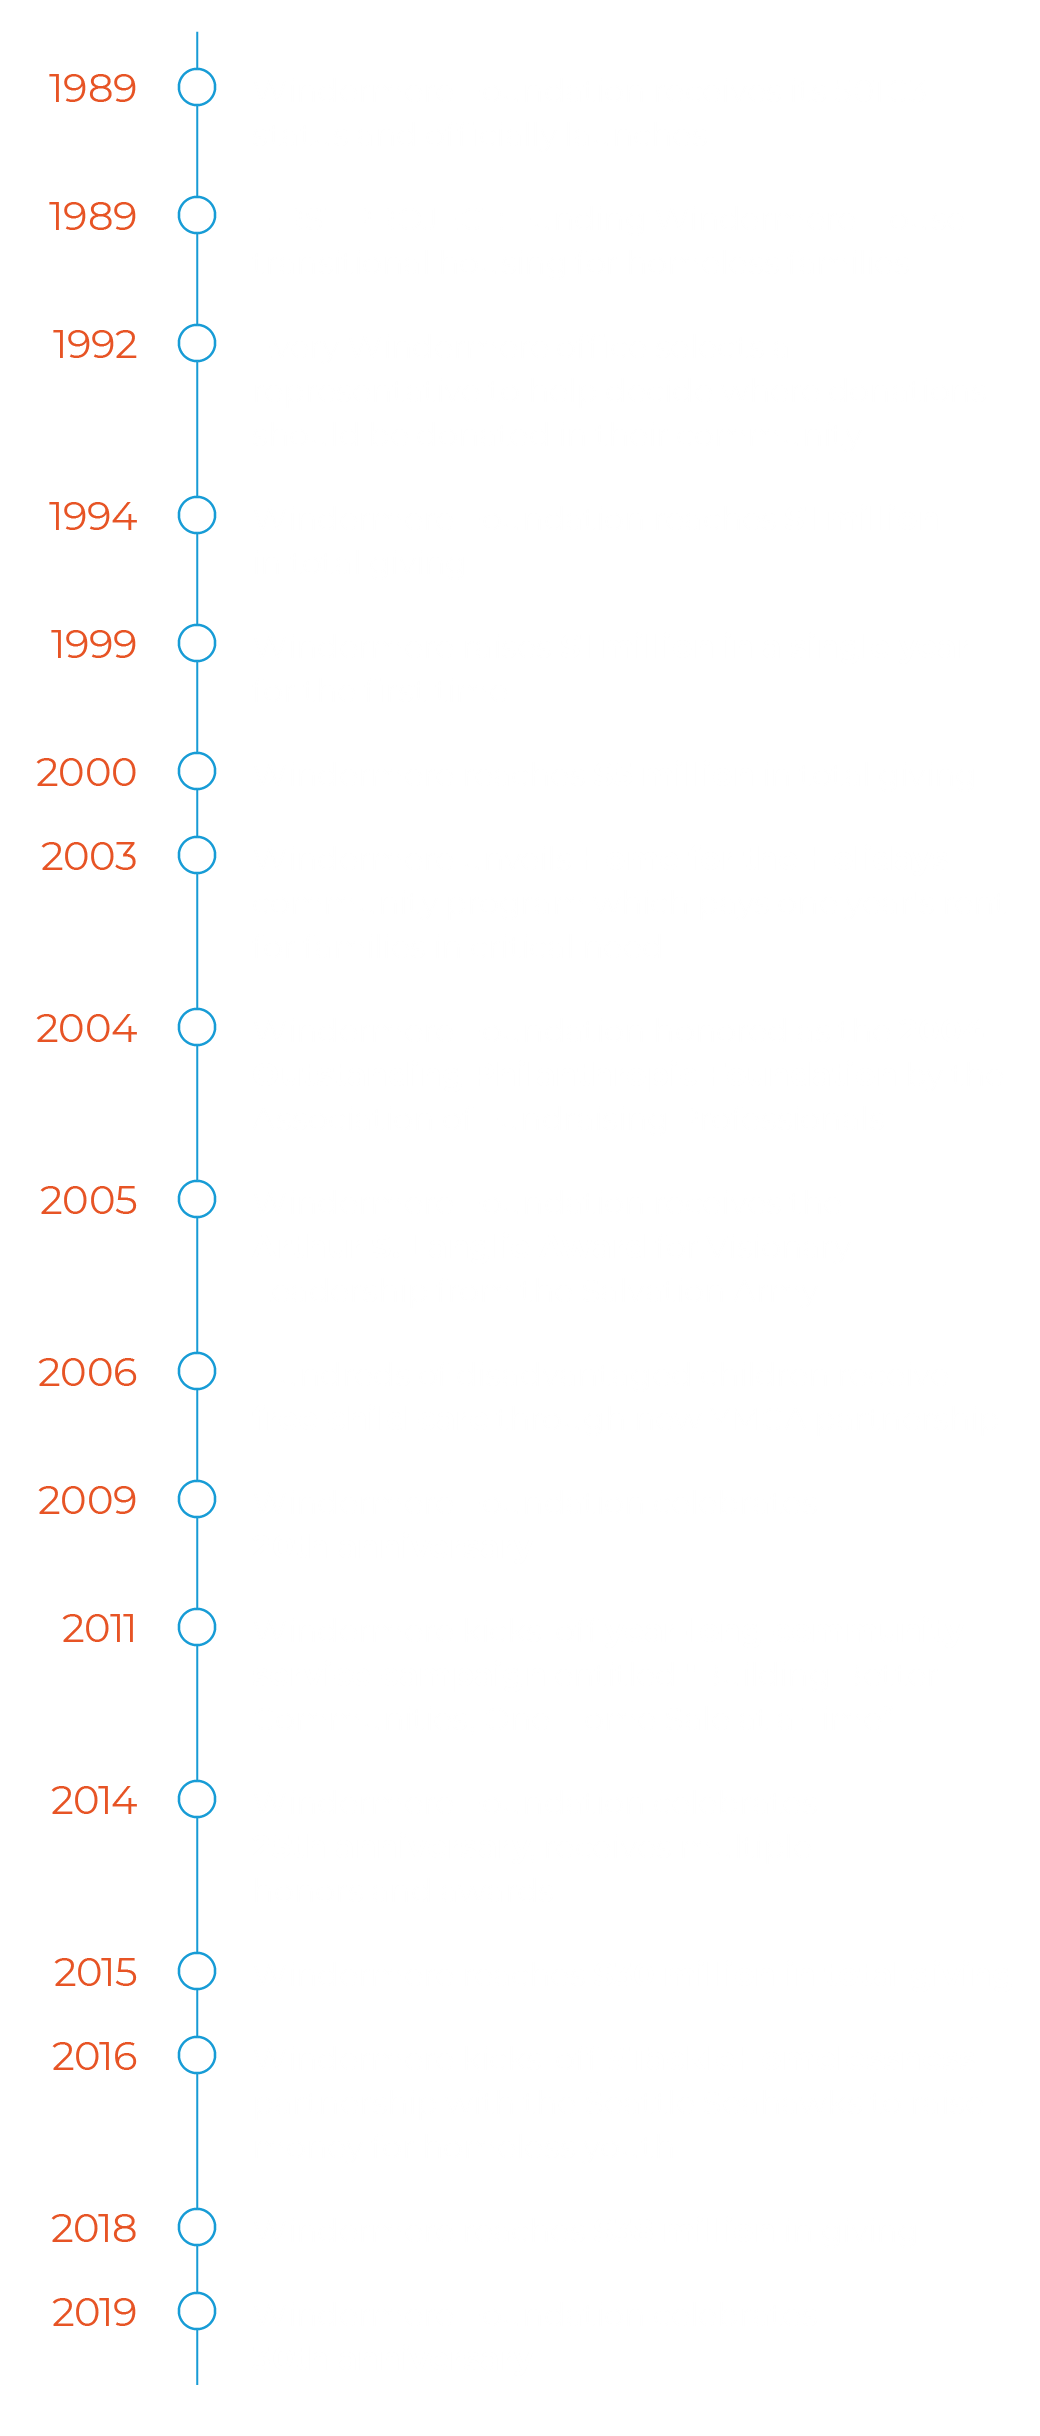 Windermere Foundation Timeline